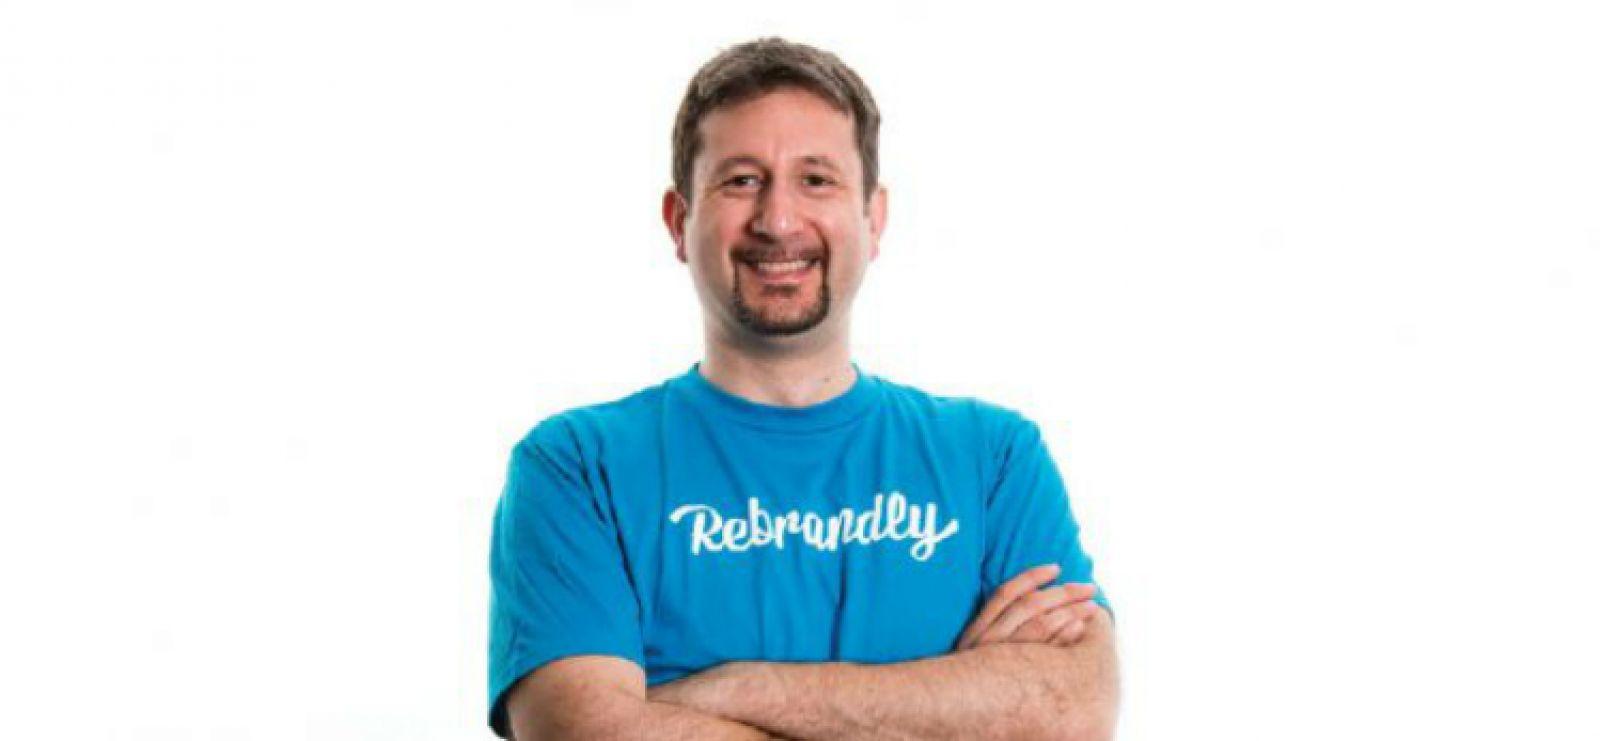 Davide De Guz - CEO của Rebrandly - nói bài học sau 16 năm làm doanh nhân của anh là đừng chạy theo đồng tiền. Ảnh: Business & Finance